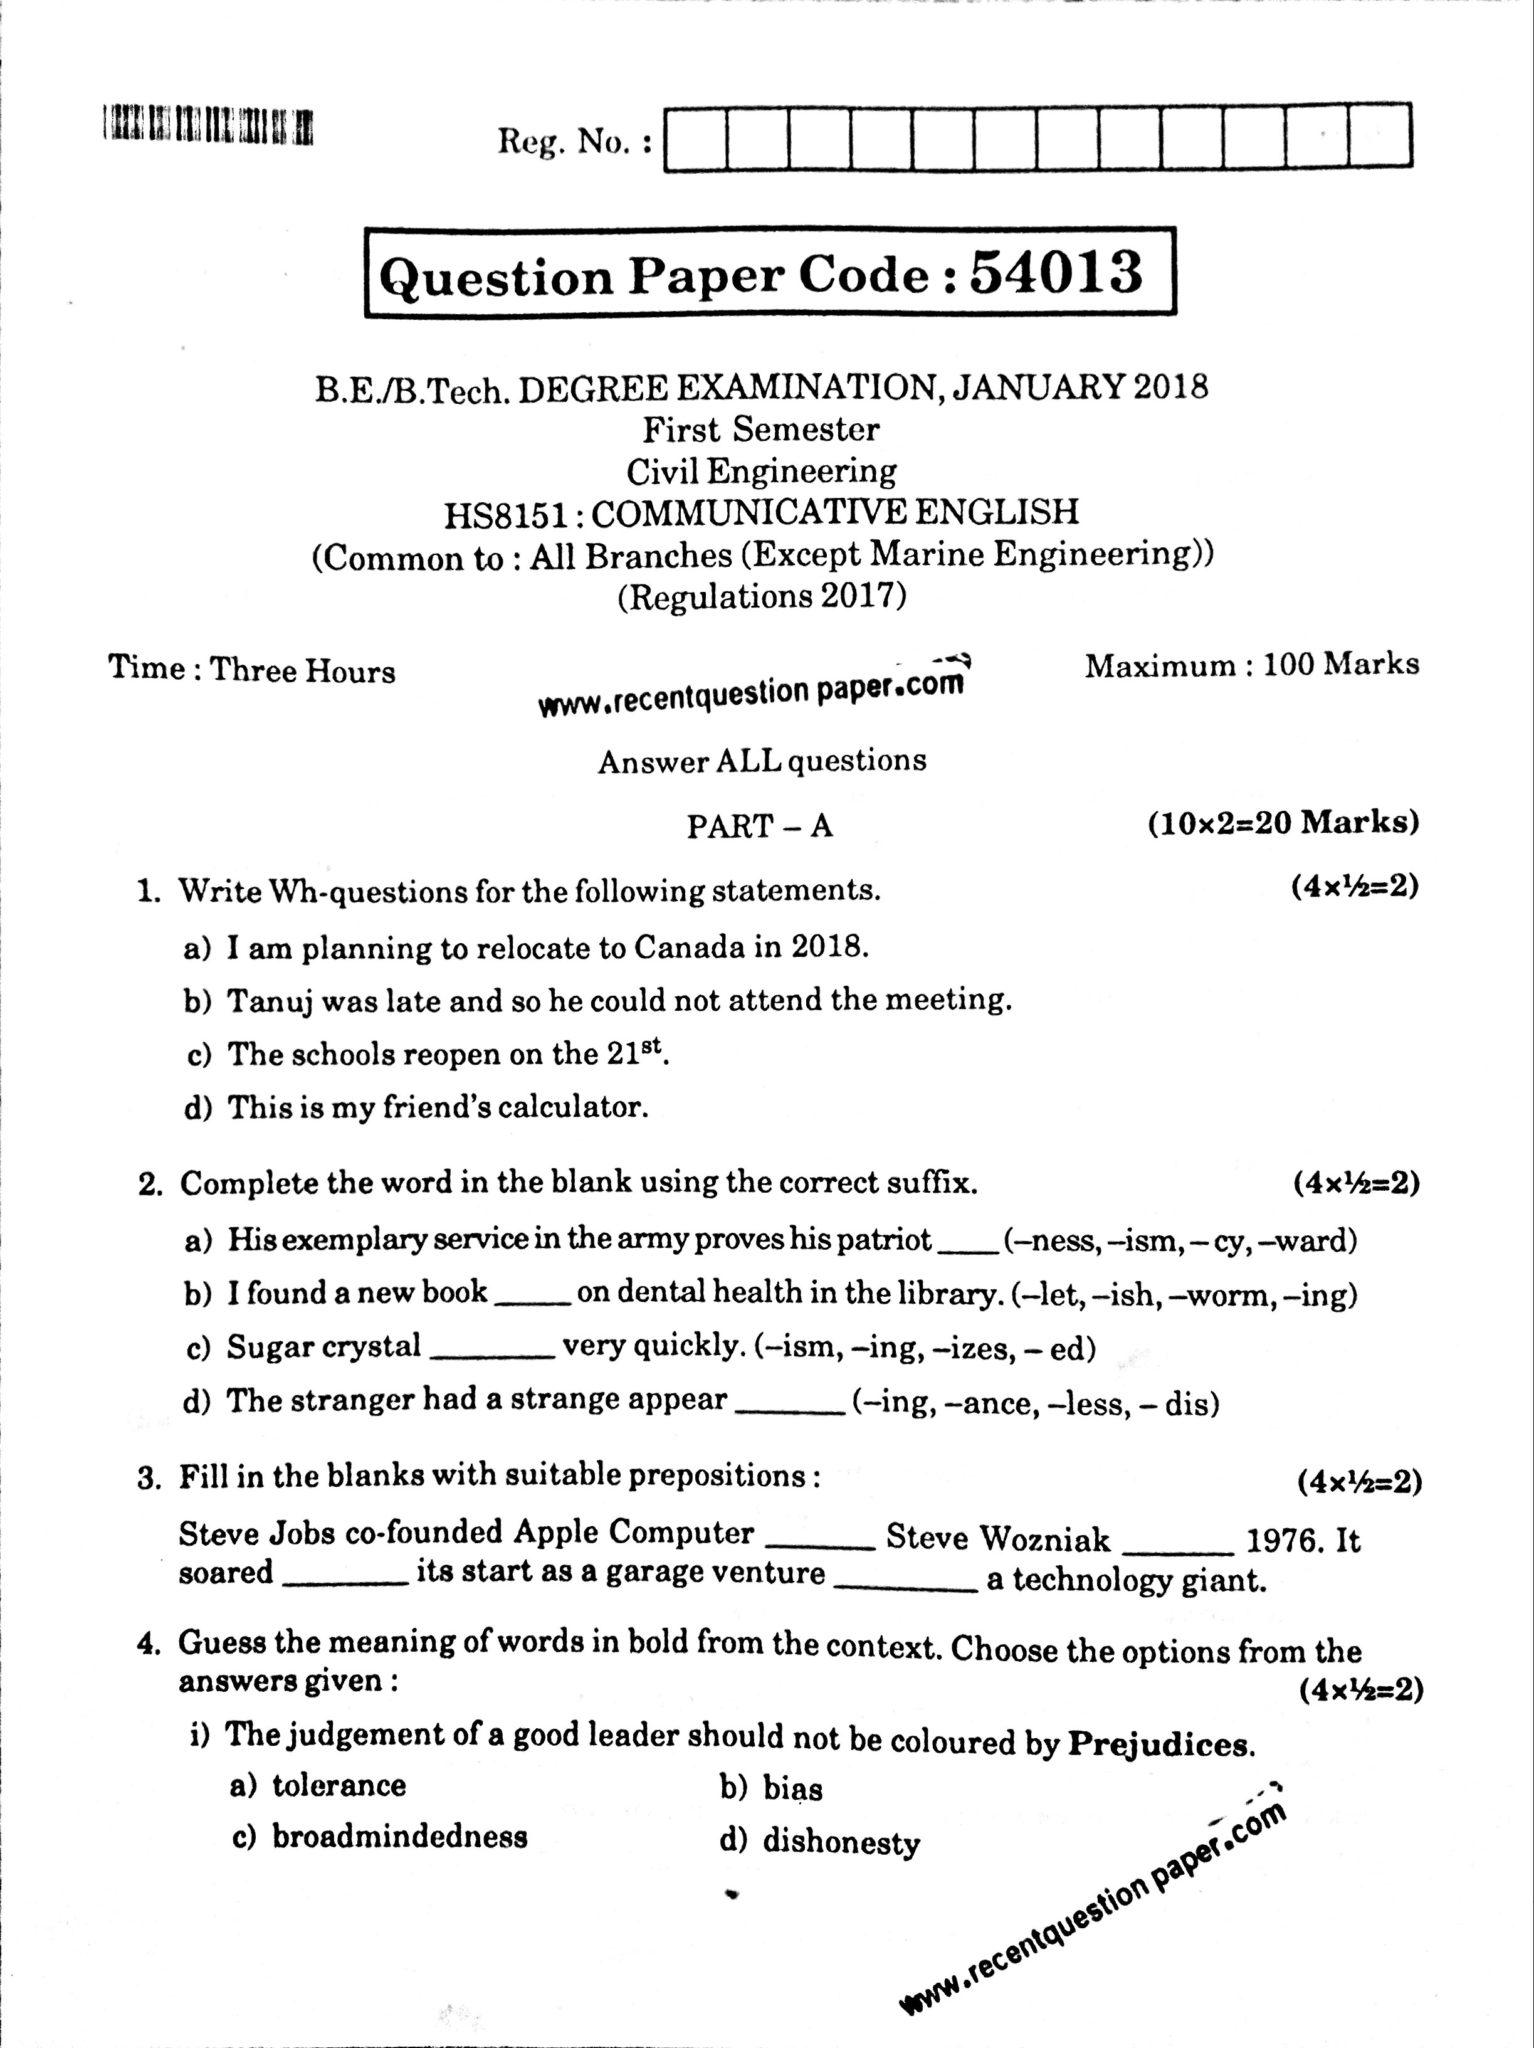 HS8151 Communicative English Jan 2018 Anna University